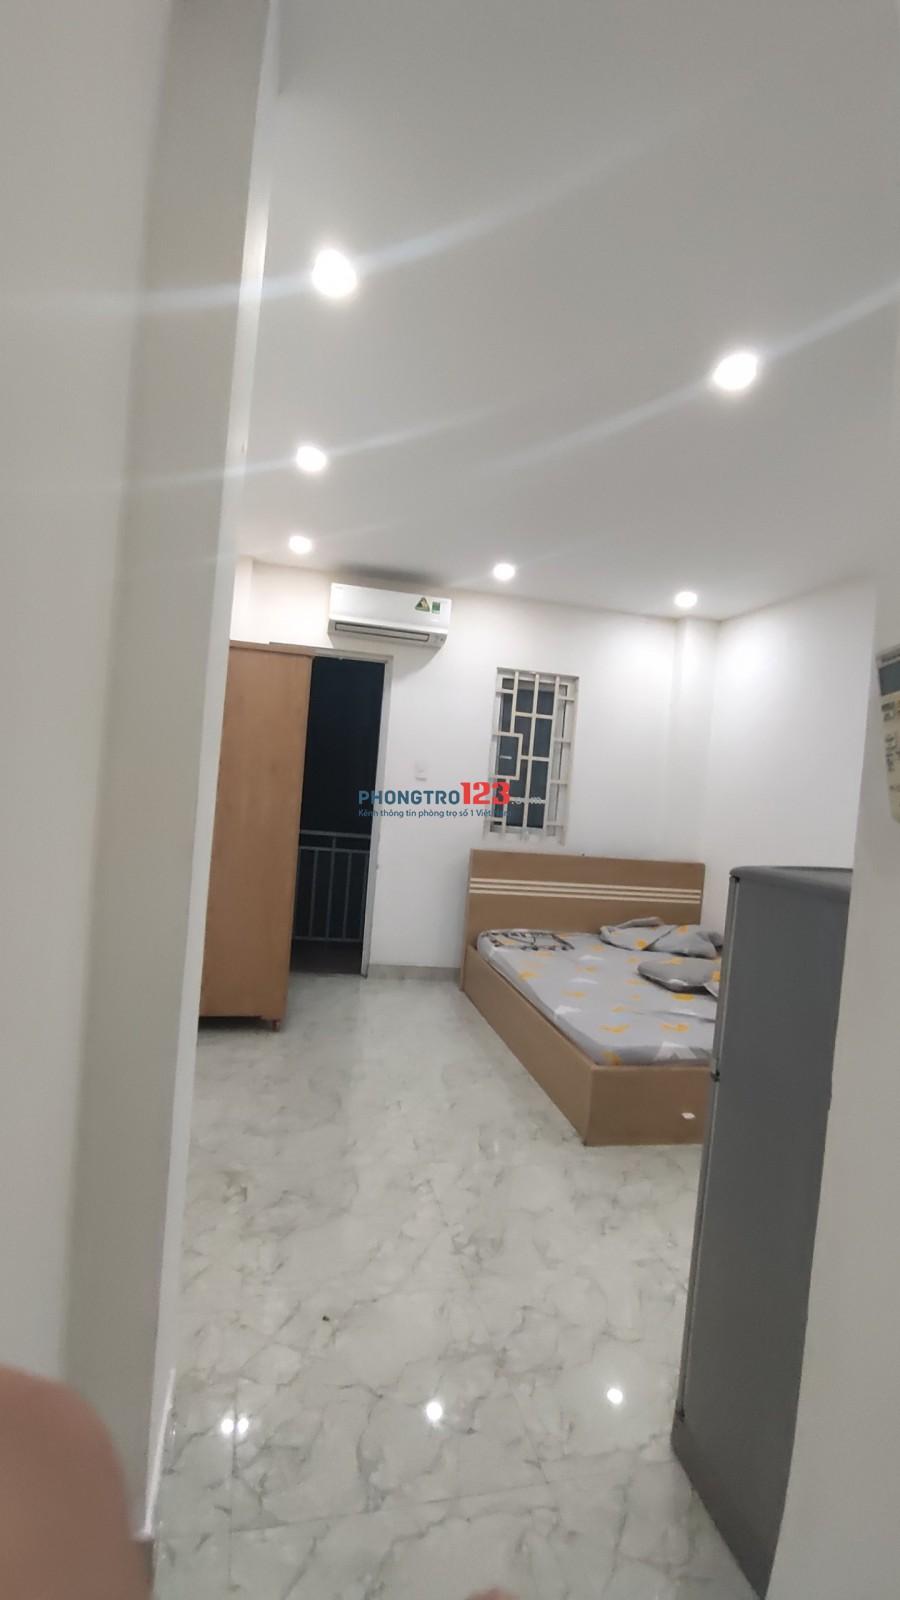 Cho thuê nhà đường Nguyễn Cửu Vân, ngay ĐH Hutech, chỉ 3.8 triệu/tháng